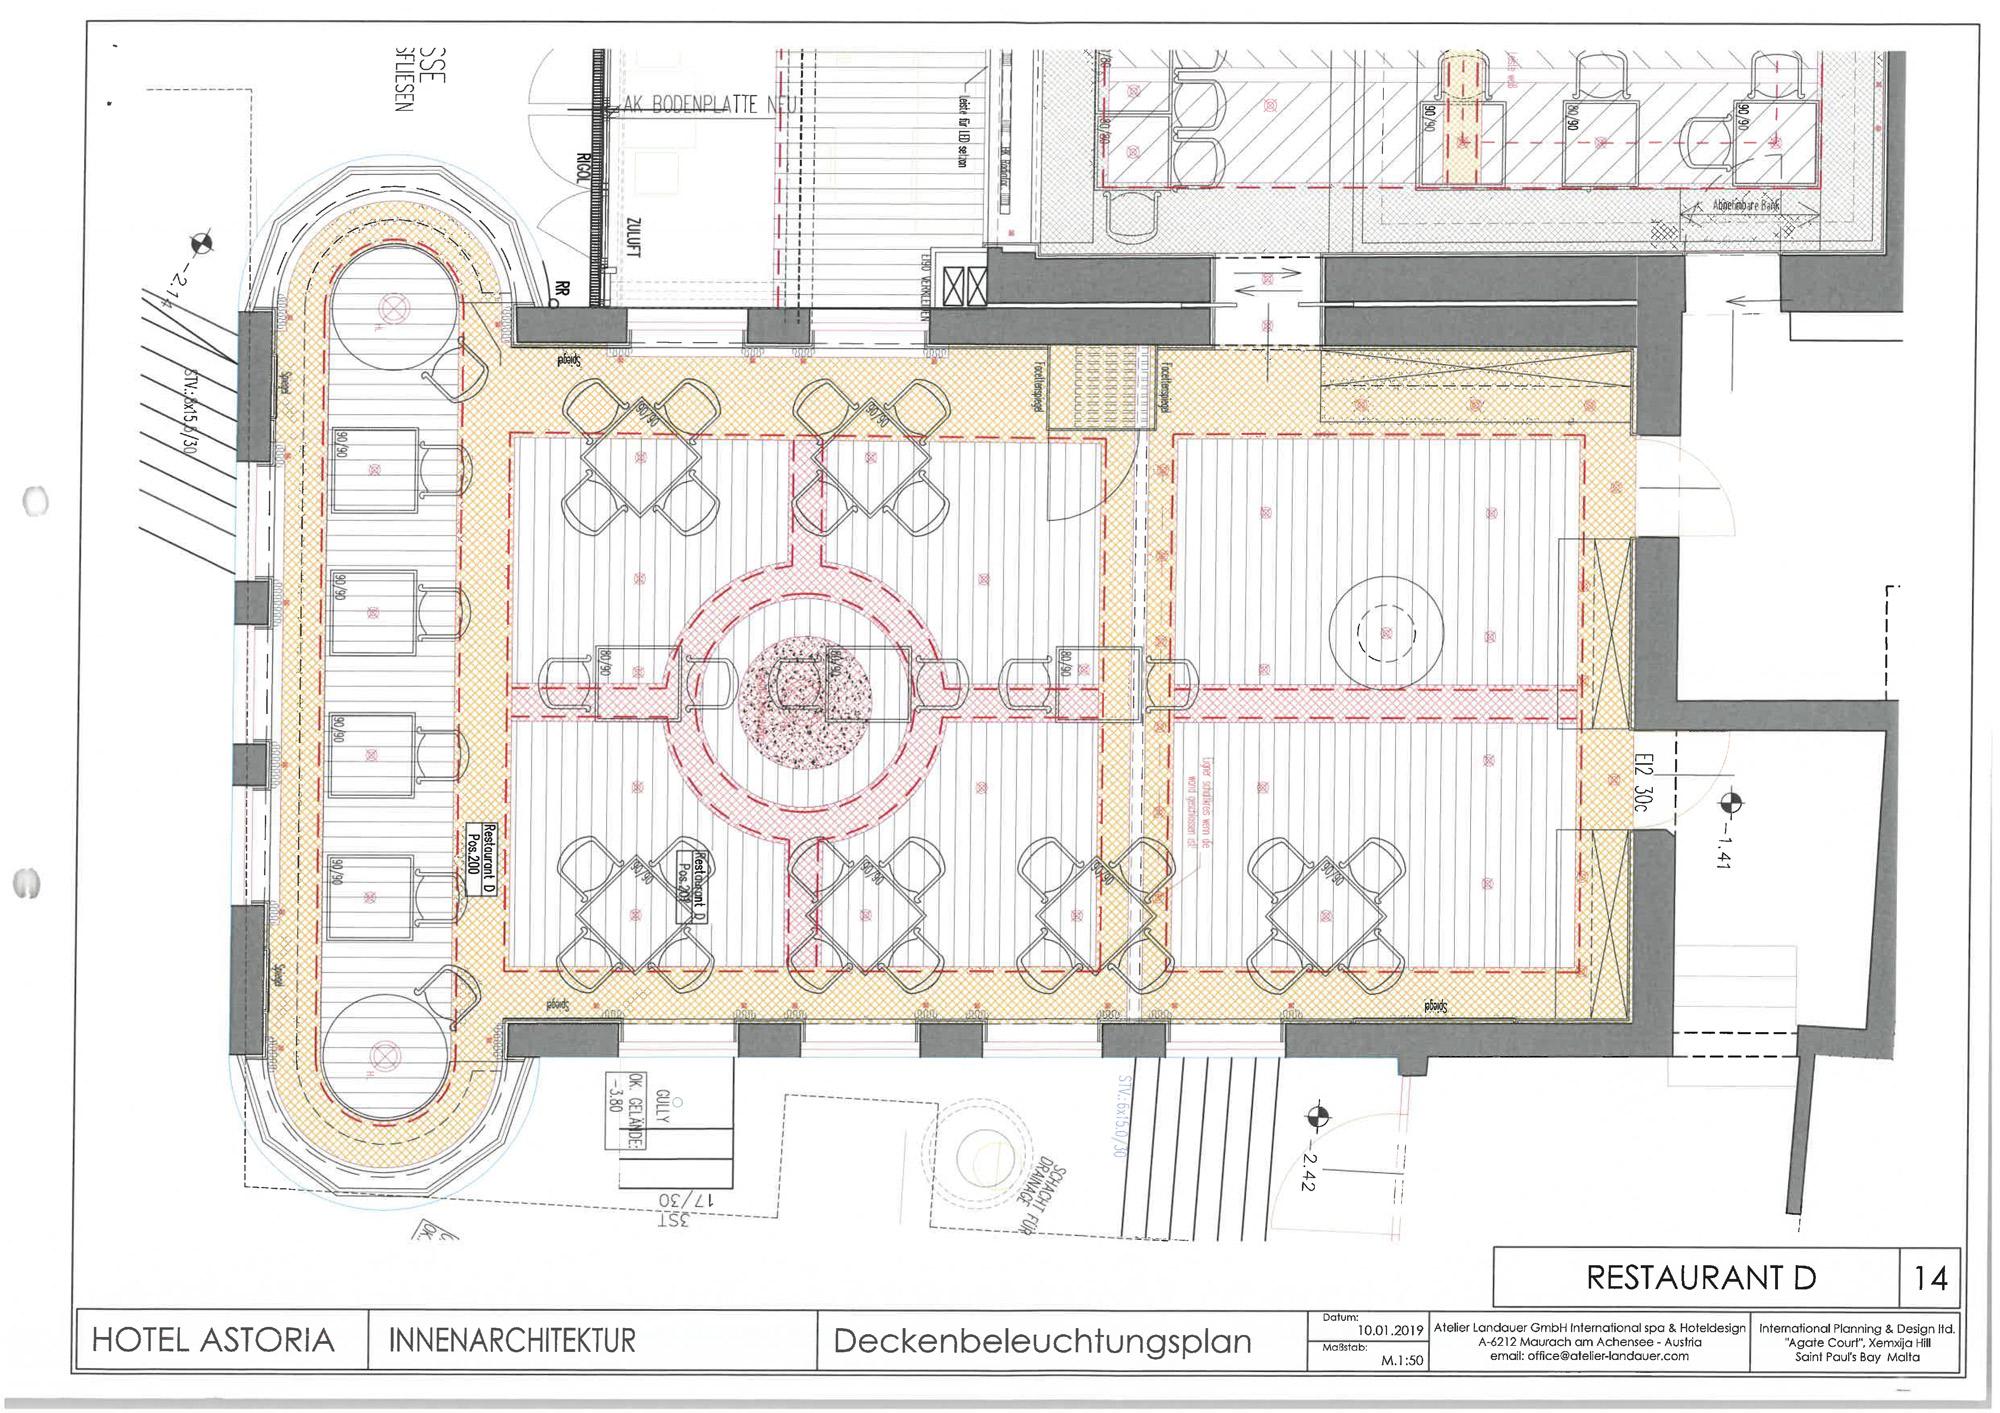 Riqualificazione dell'Astoria Seefeld